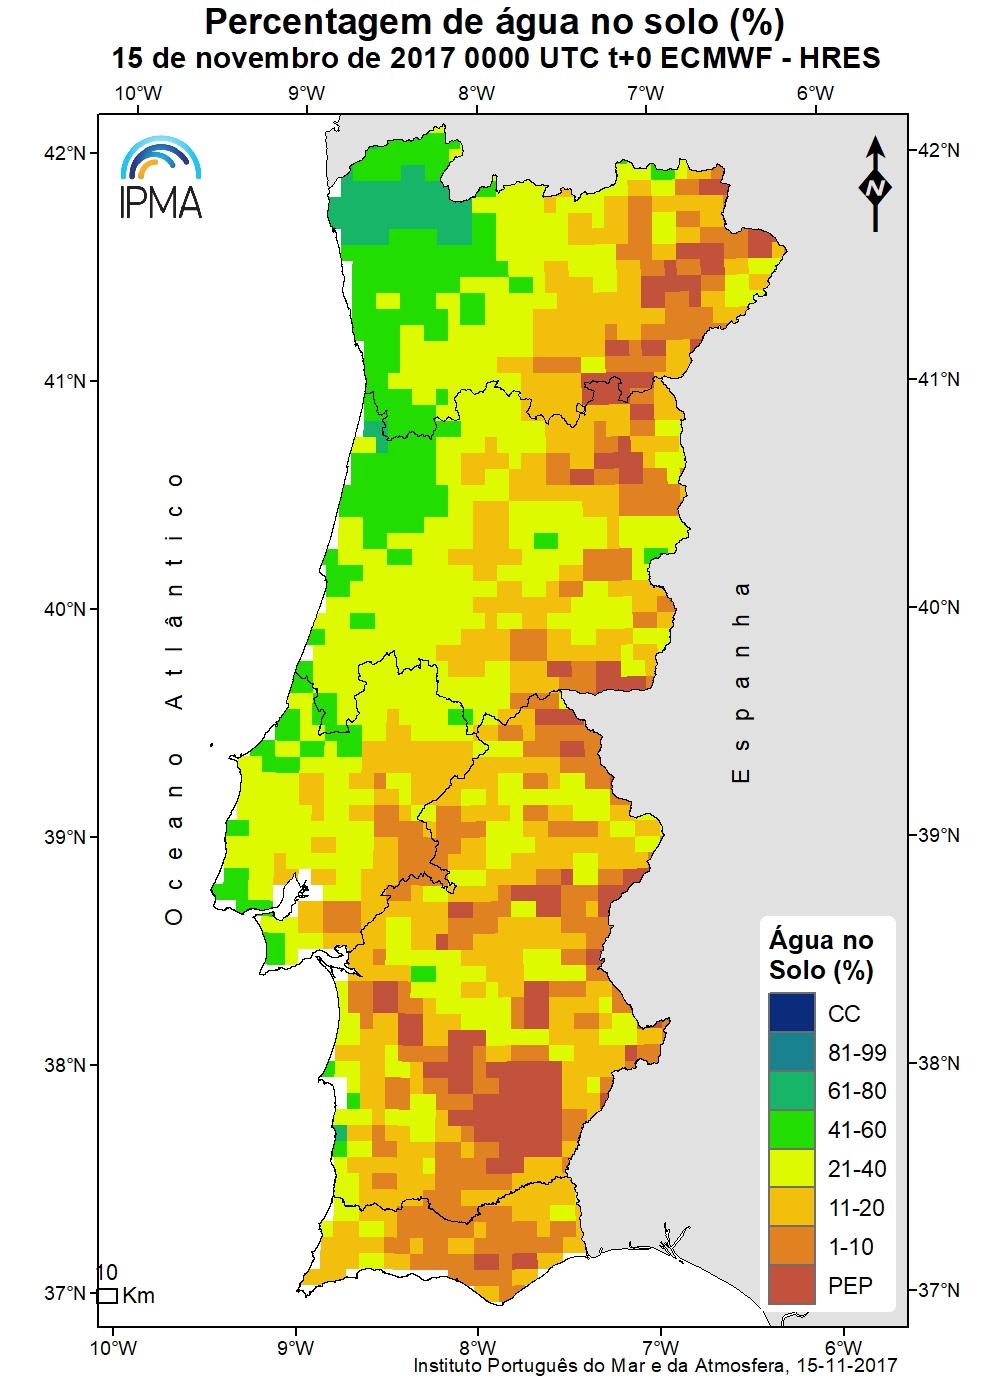 Figura 2, percentagem de água no solo